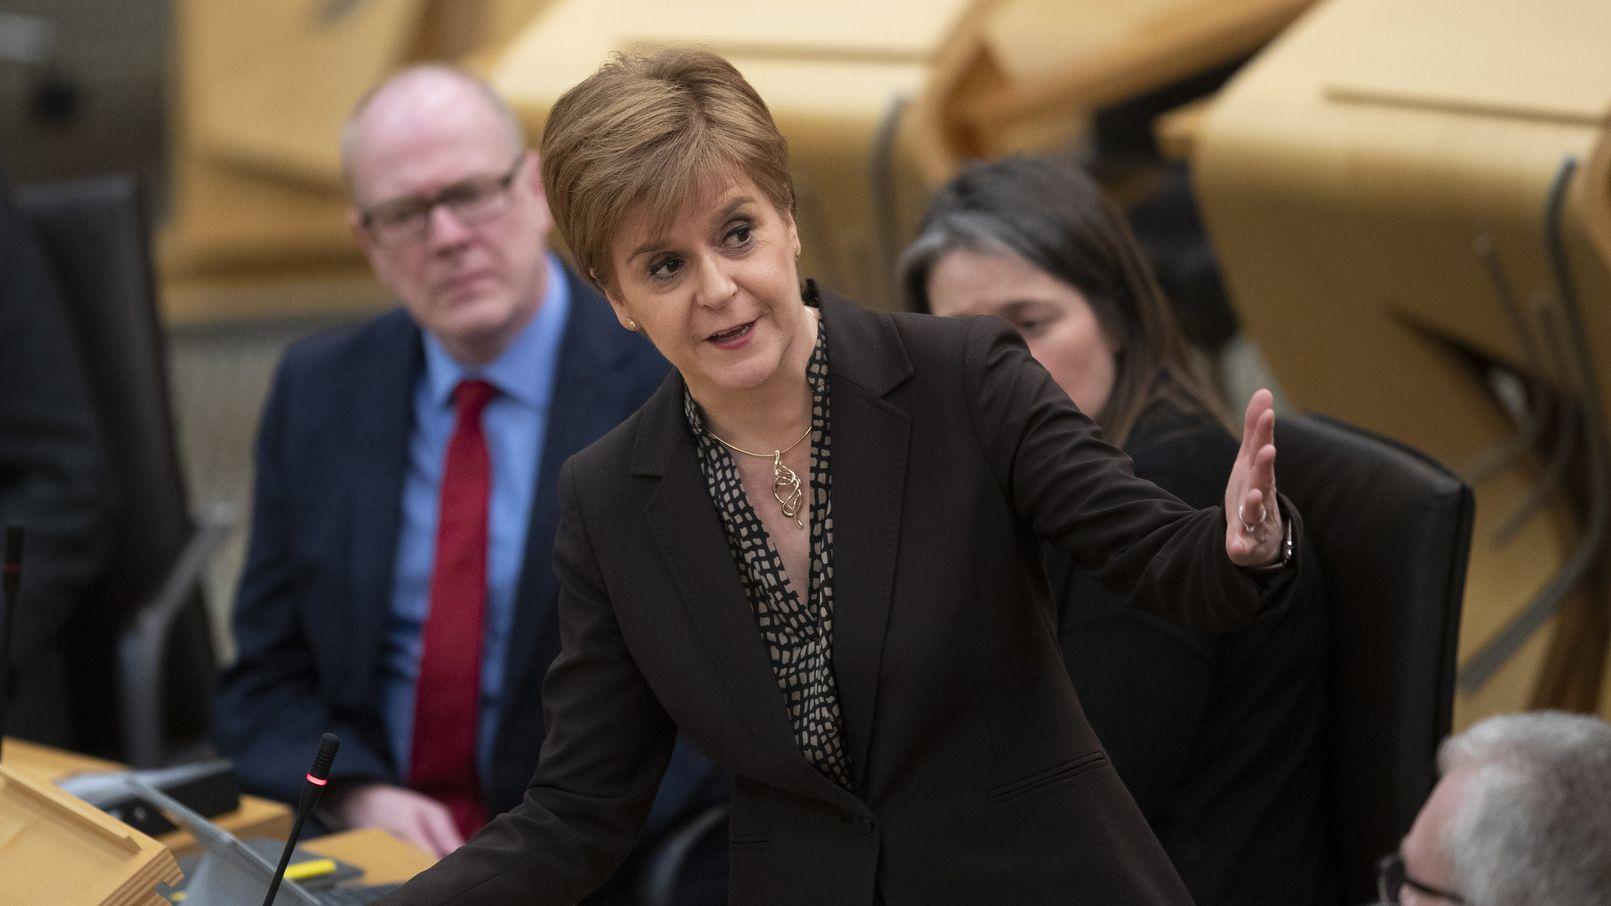 Nicola Sturgeon, schottische Regierungschefin, möchte im zweiten Halbjahr 2020 ein neues Unabhängigkeitsreferendum durchführen.